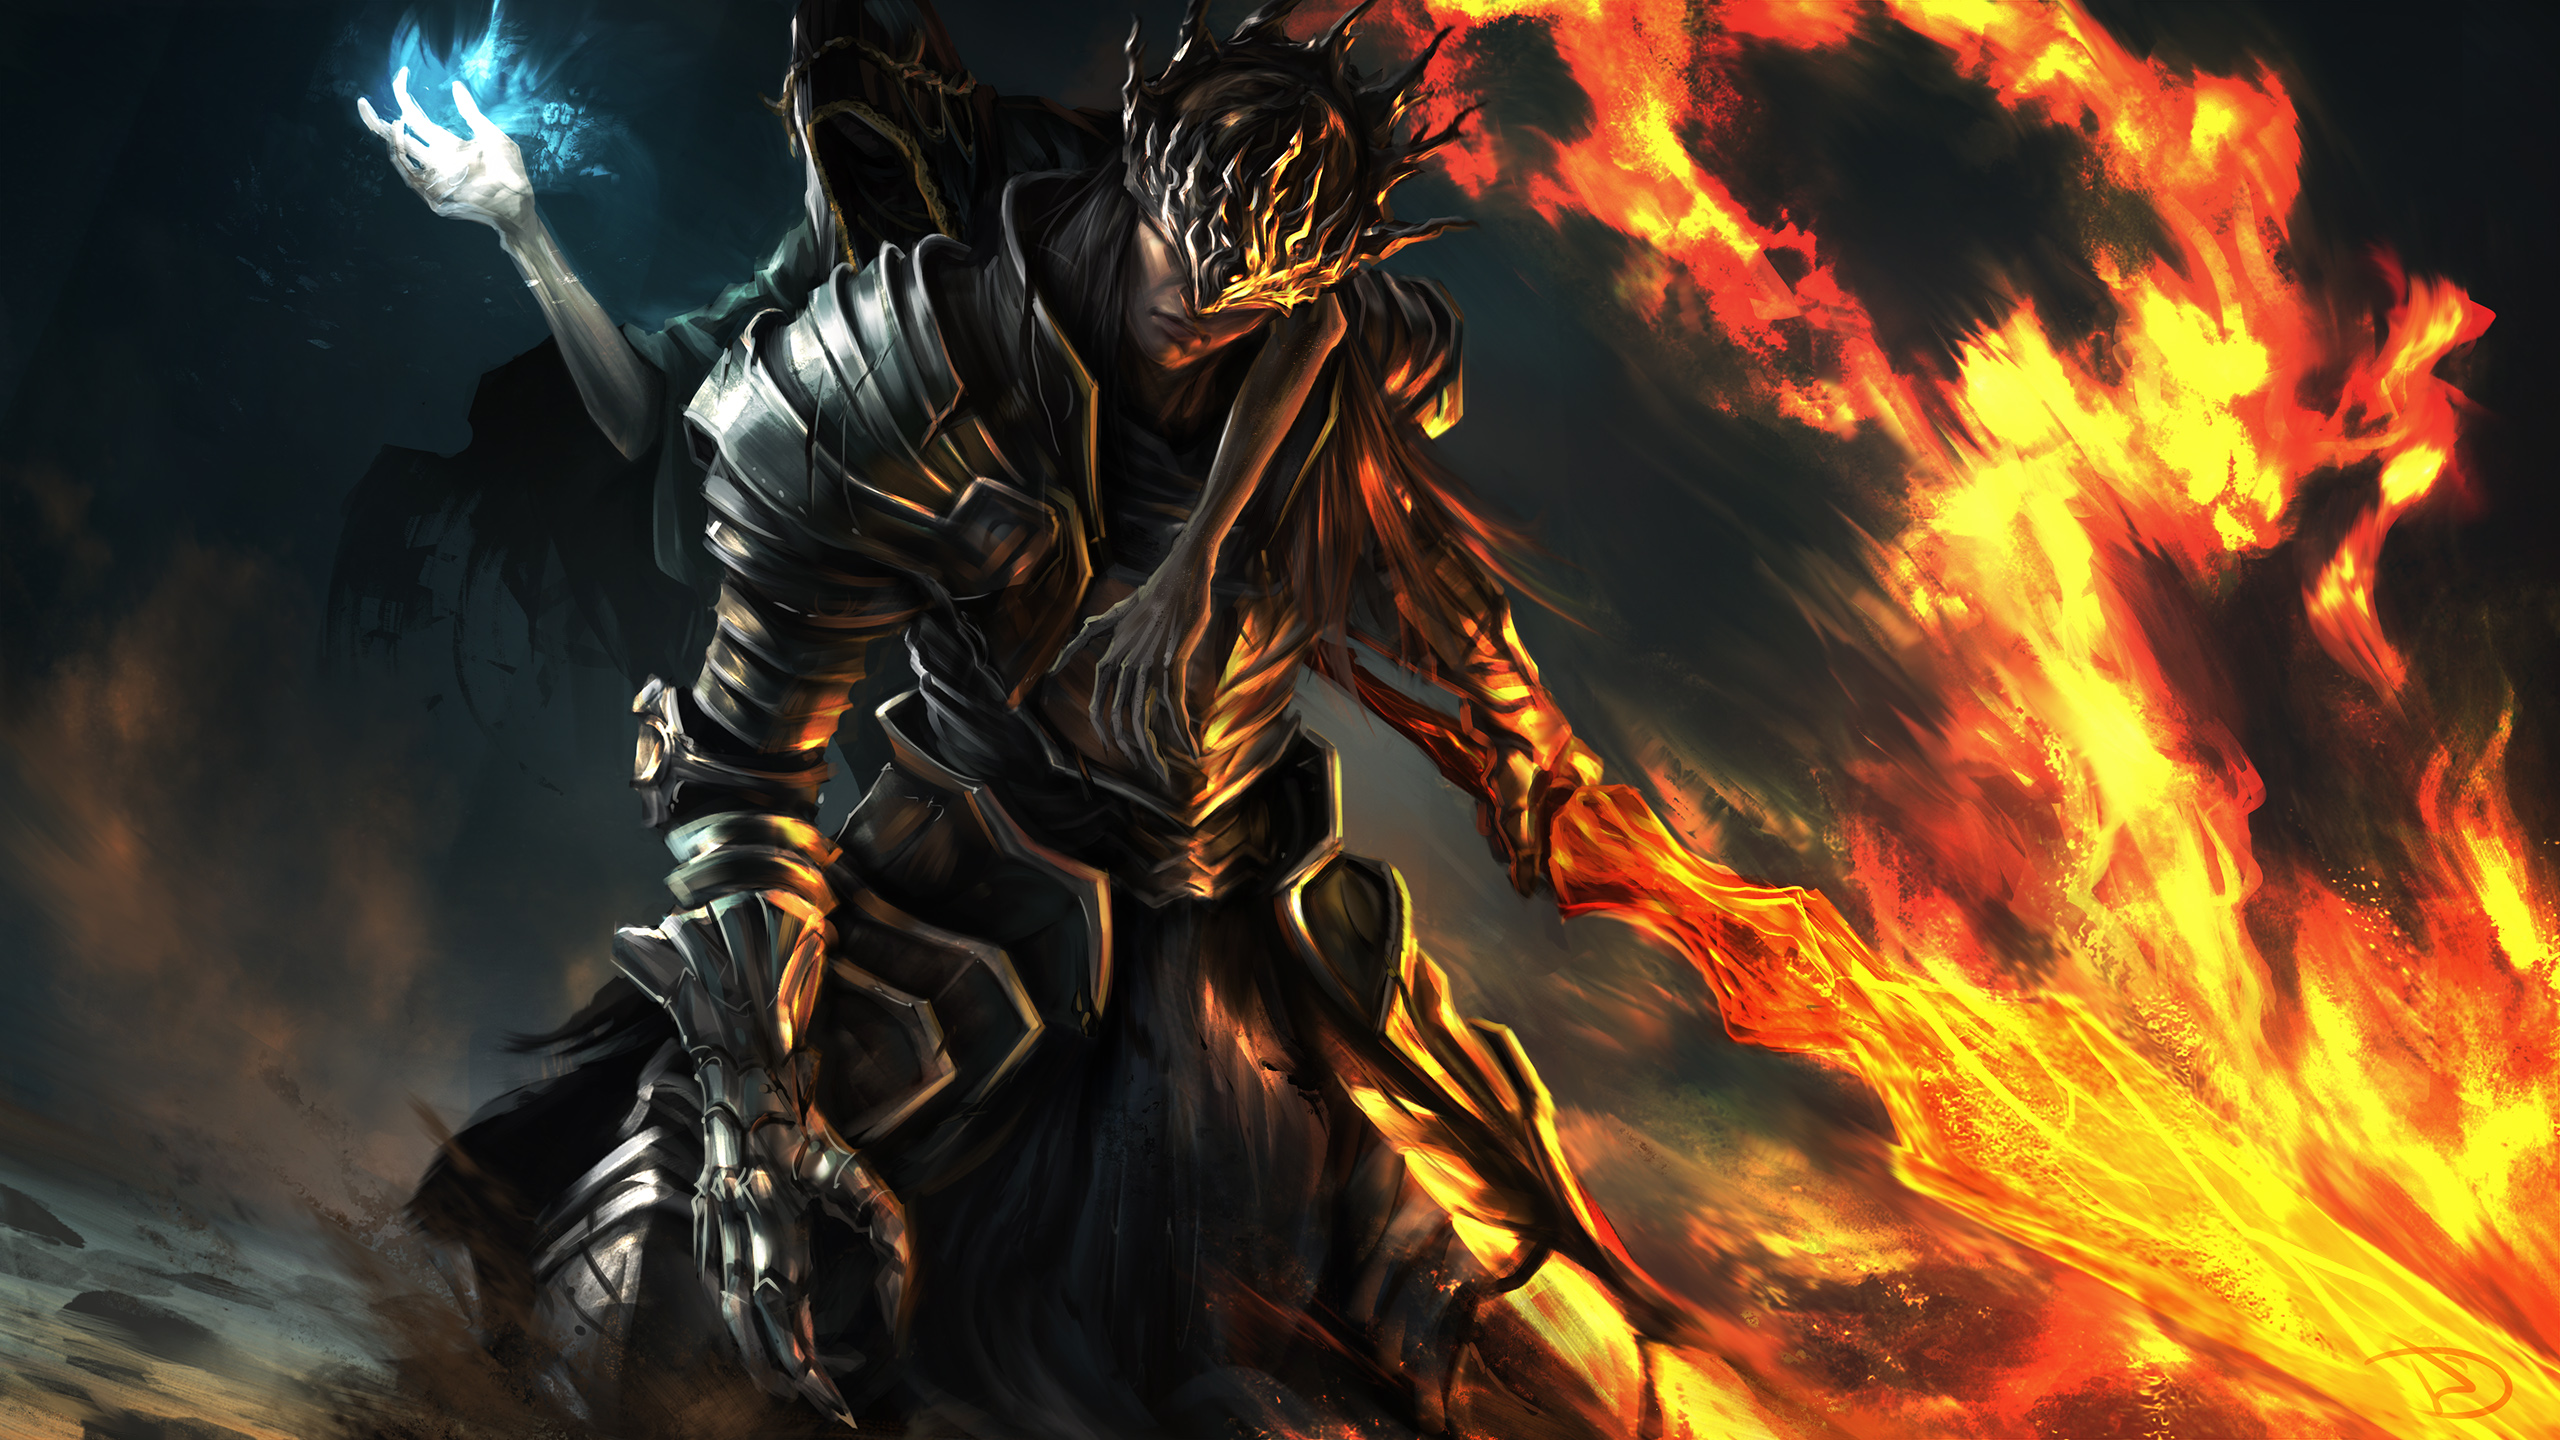 Desktop Wallpapers Dark Souls Armor Swords Warriors Fan